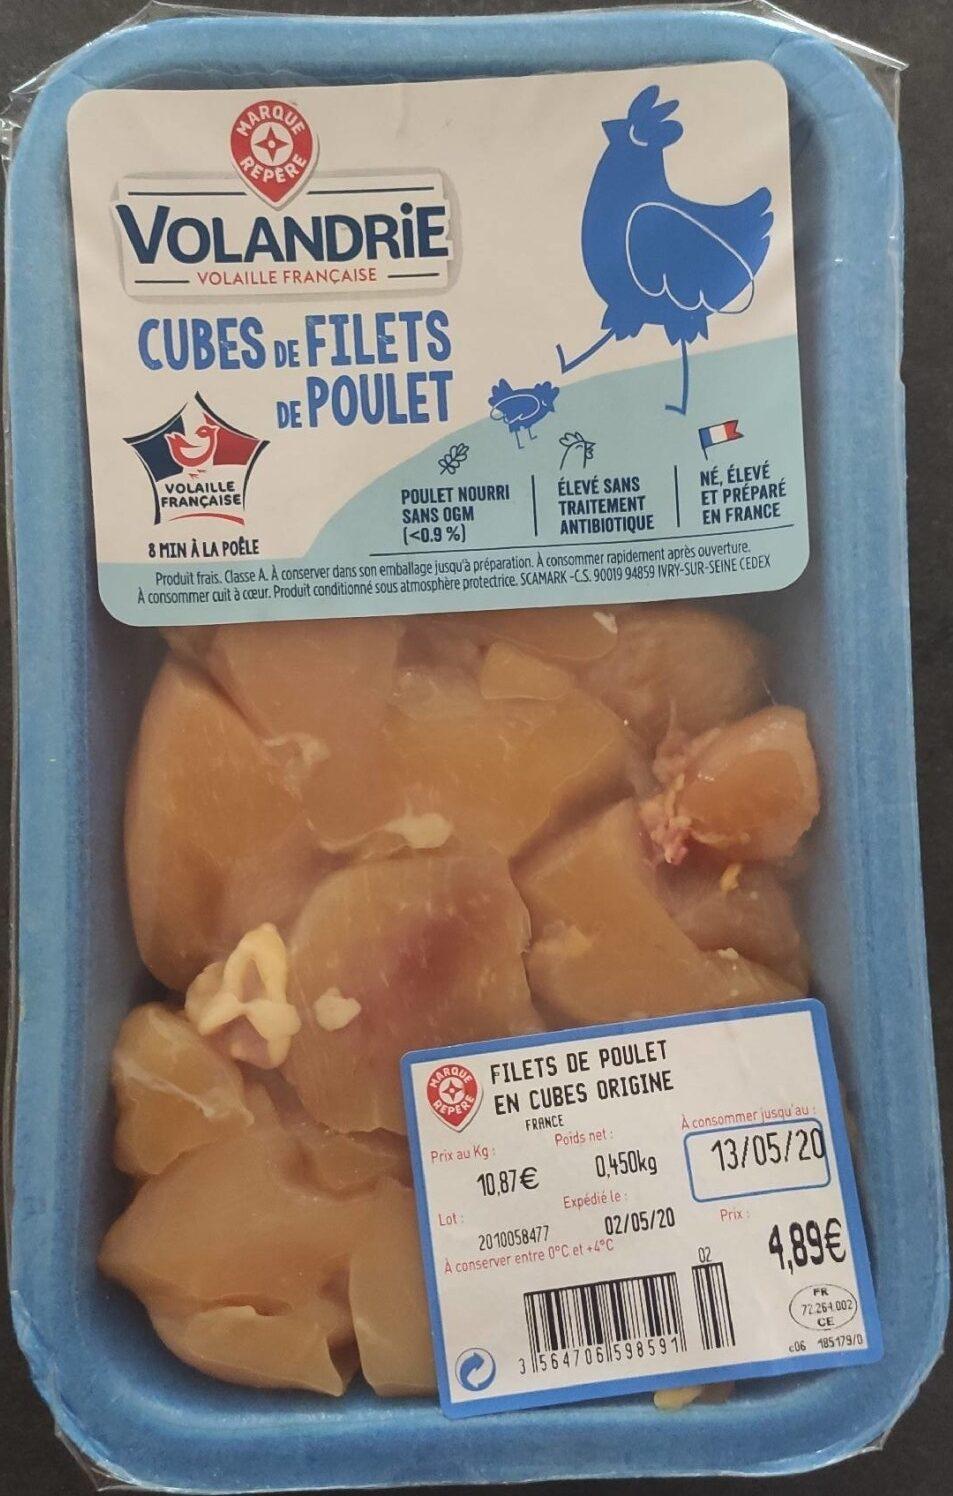 Cubes de filets de poulet - Prodotto - fr